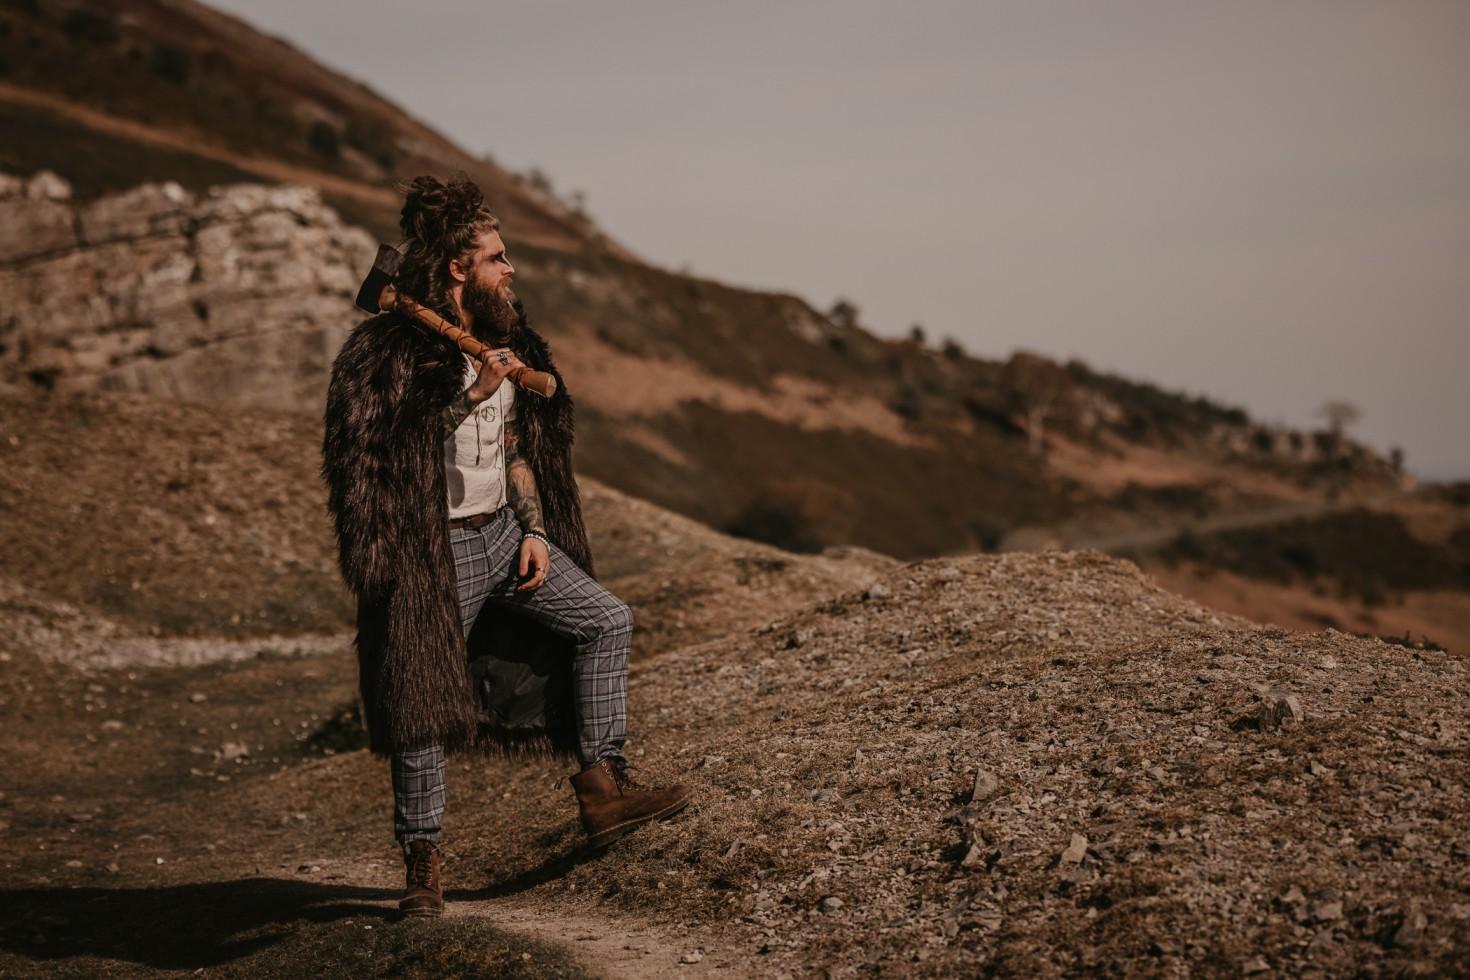 viking wedding - alternative groom - alternative groomswear - unique grooms wear - viking groom